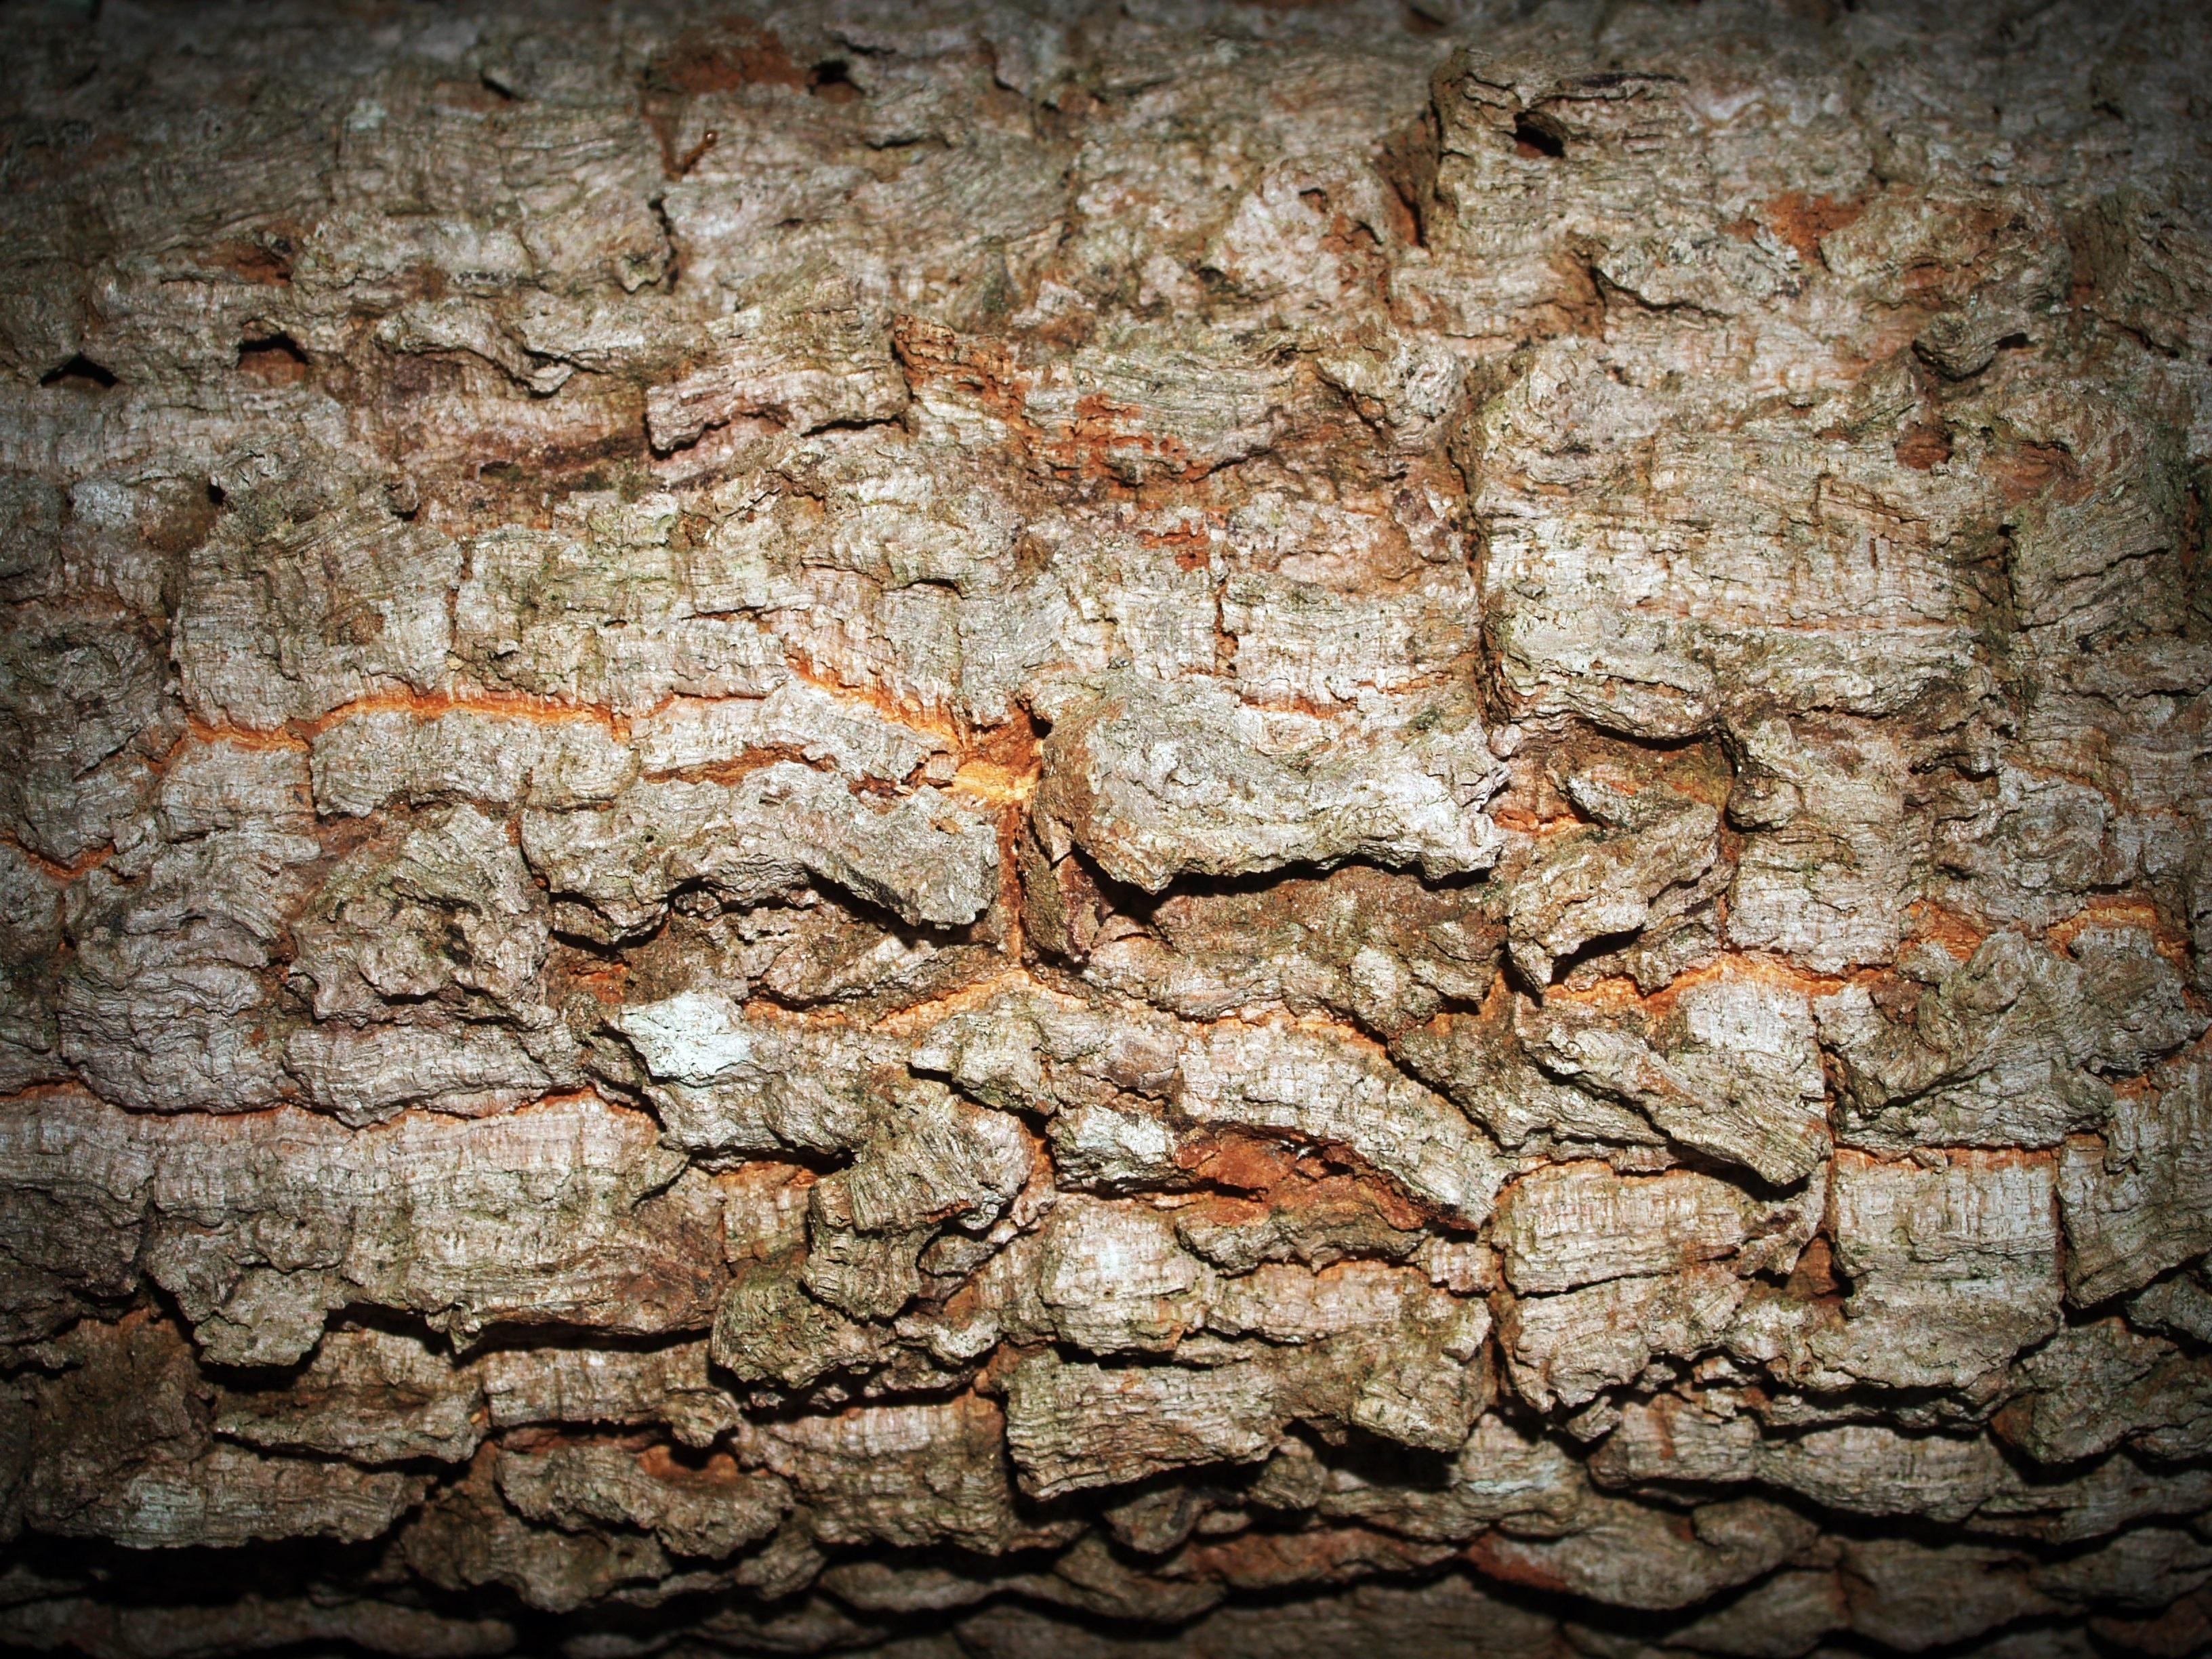 무료 이미지 : 숲, 록, 분기, 추상, 판, 목재, 고대 미술, 조직 ...